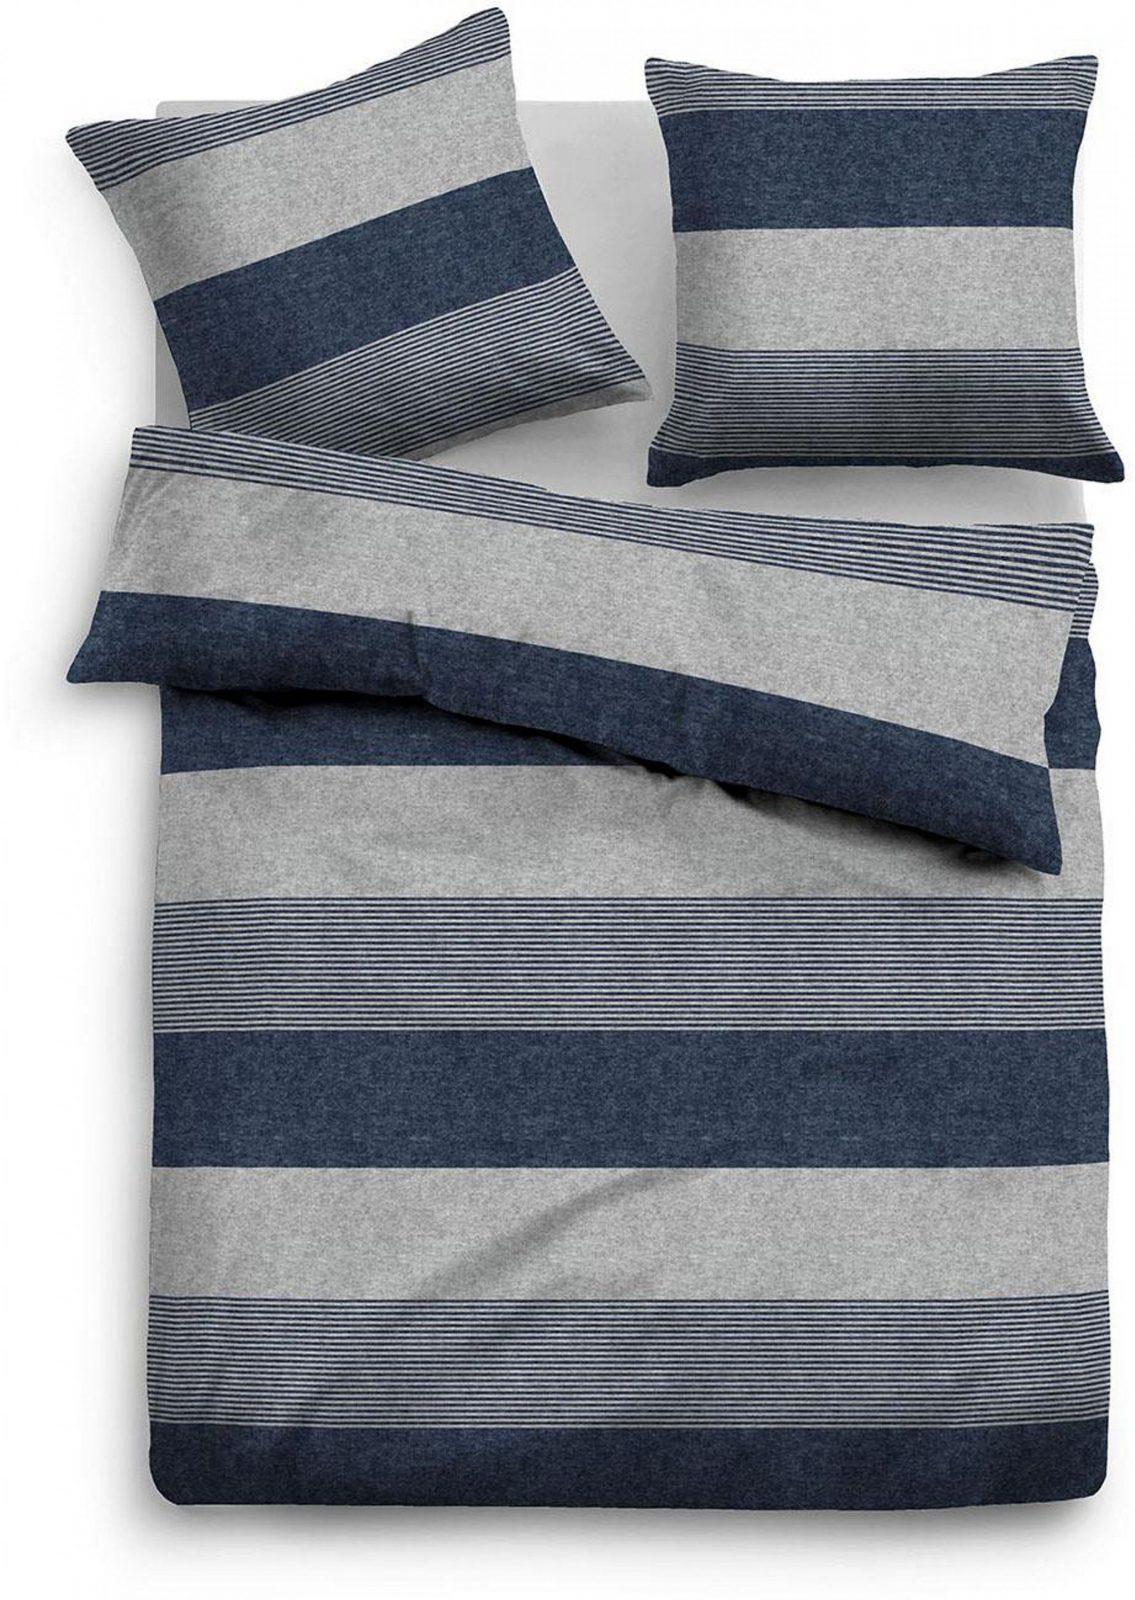 Bettwäsche Tom Tailor Caro Mit Unterschiedlichen Streifen Auf von Tom Tailor Bettwäsche 135X200 Bild